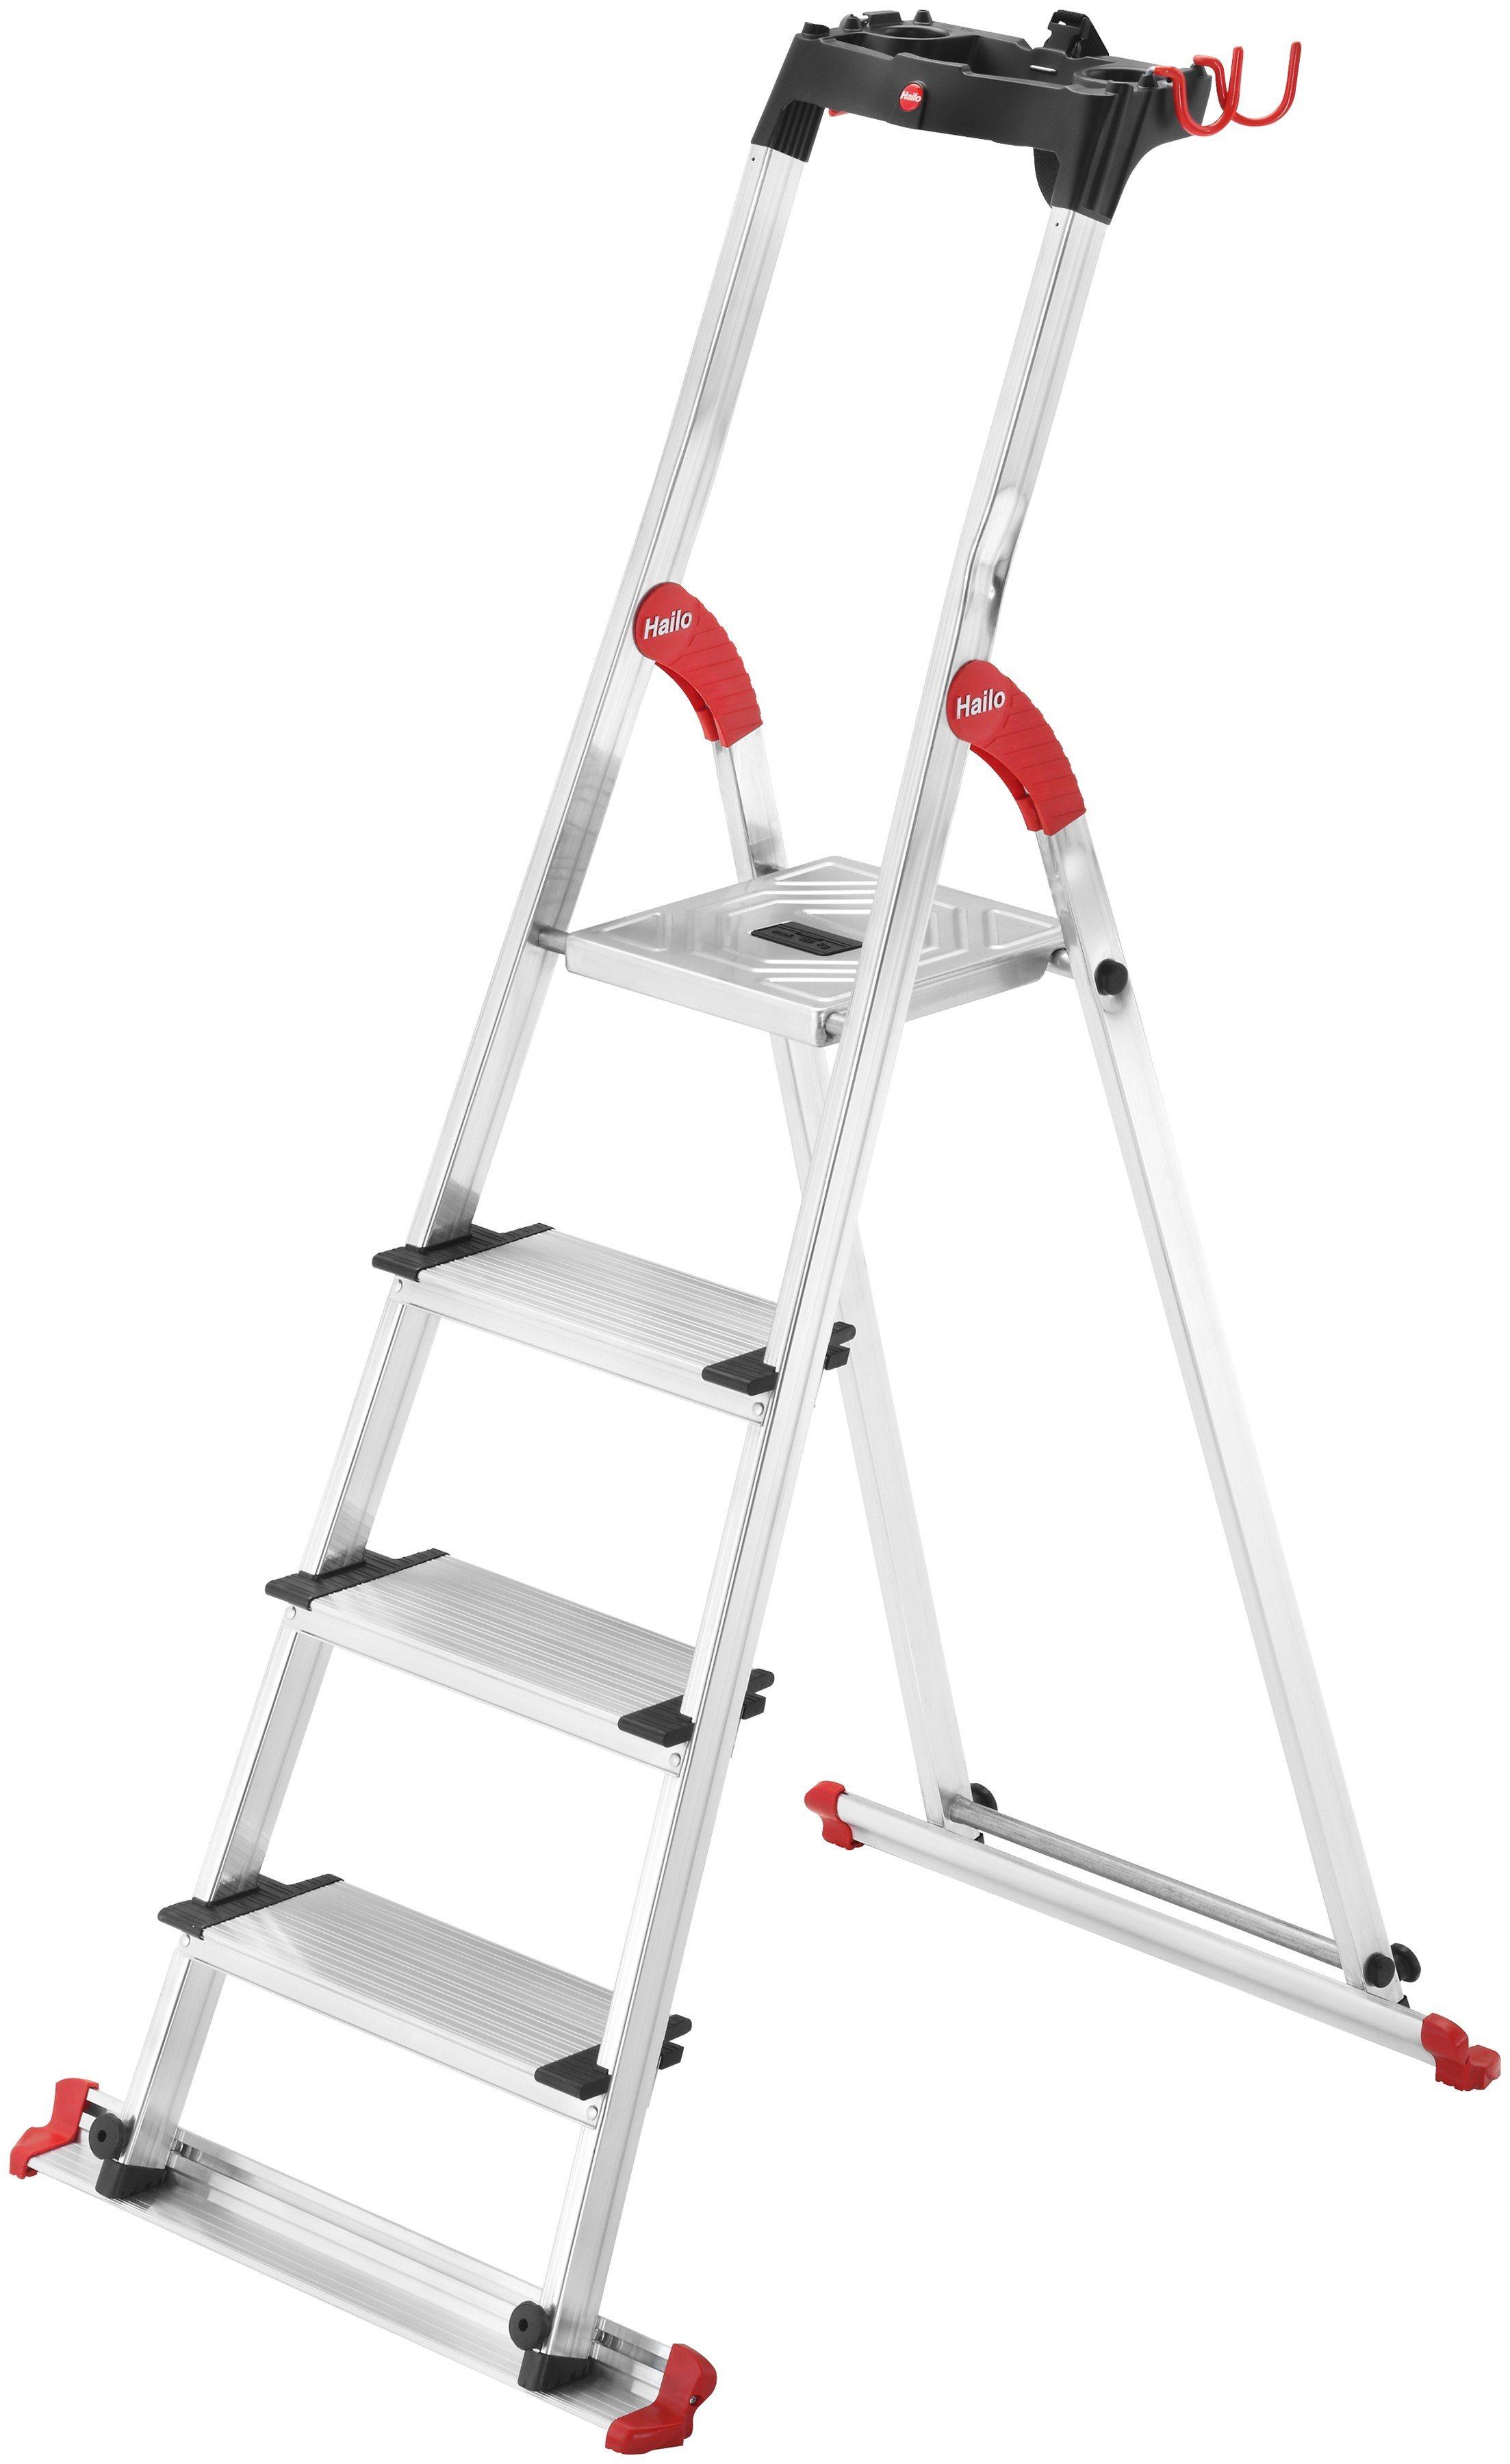 Hailo Sicherheitstrittleiter »XXL Garden & Home EasyClix« | Baumarkt > Leitern und Treppen > Trittleiter | Hailo